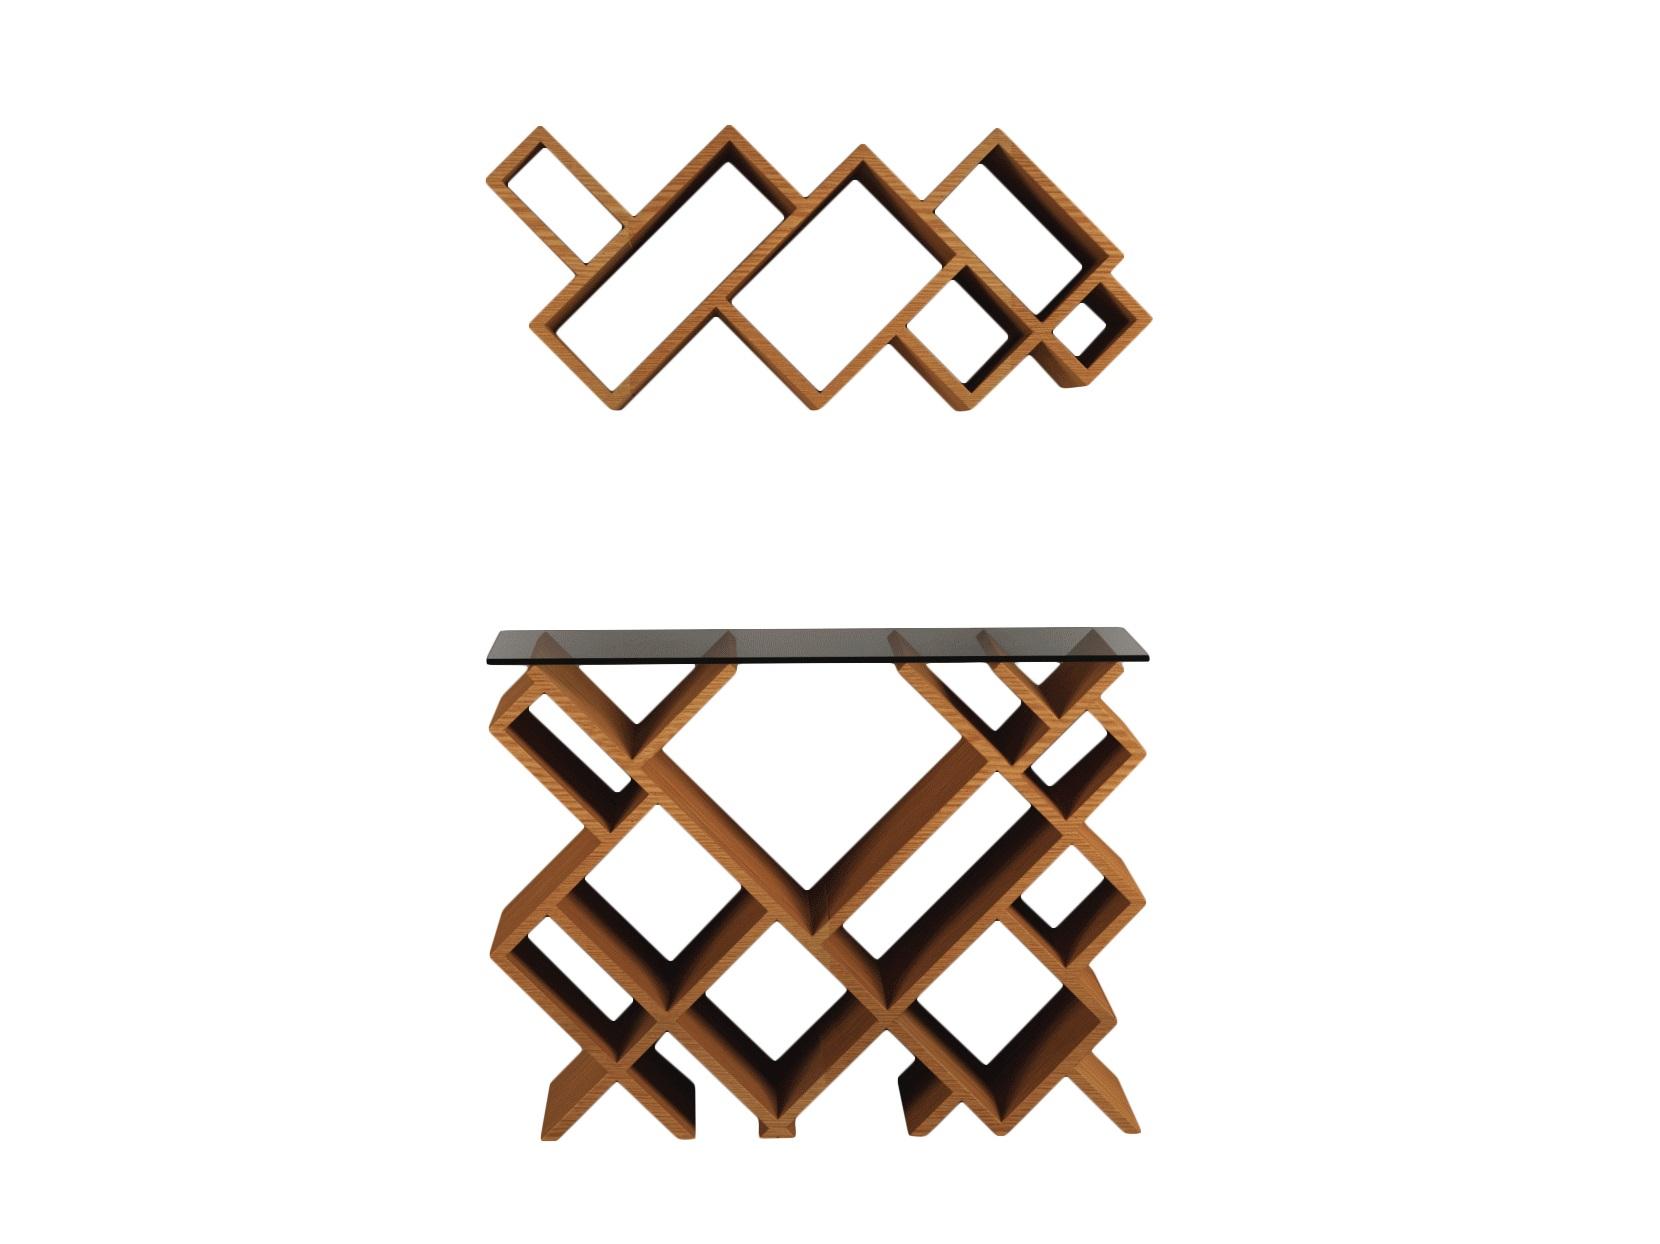 Комплект ГеометрияСтеллажи и этажерки<br>Необычные, современные полка и столик преобразят ваш интерьер!&amp;amp;nbsp;&amp;lt;div&amp;gt;&amp;lt;br&amp;gt;&amp;lt;/div&amp;gt;&amp;lt;div&amp;gt;Материал: МДФ, шпон&amp;lt;/div&amp;gt;&amp;lt;div&amp;gt;Установка требуется&amp;amp;nbsp;&amp;lt;/div&amp;gt;&amp;lt;div&amp;gt;Размеры: верхняя часть - 85x 37x 24см;&amp;lt;/div&amp;gt;&amp;lt;div&amp;gt;Нижняя часть - 85x67x24см&amp;lt;/div&amp;gt;<br><br>Material: МДФ<br>Ширина см: 67<br>Высота см: 85<br>Глубина см: 24